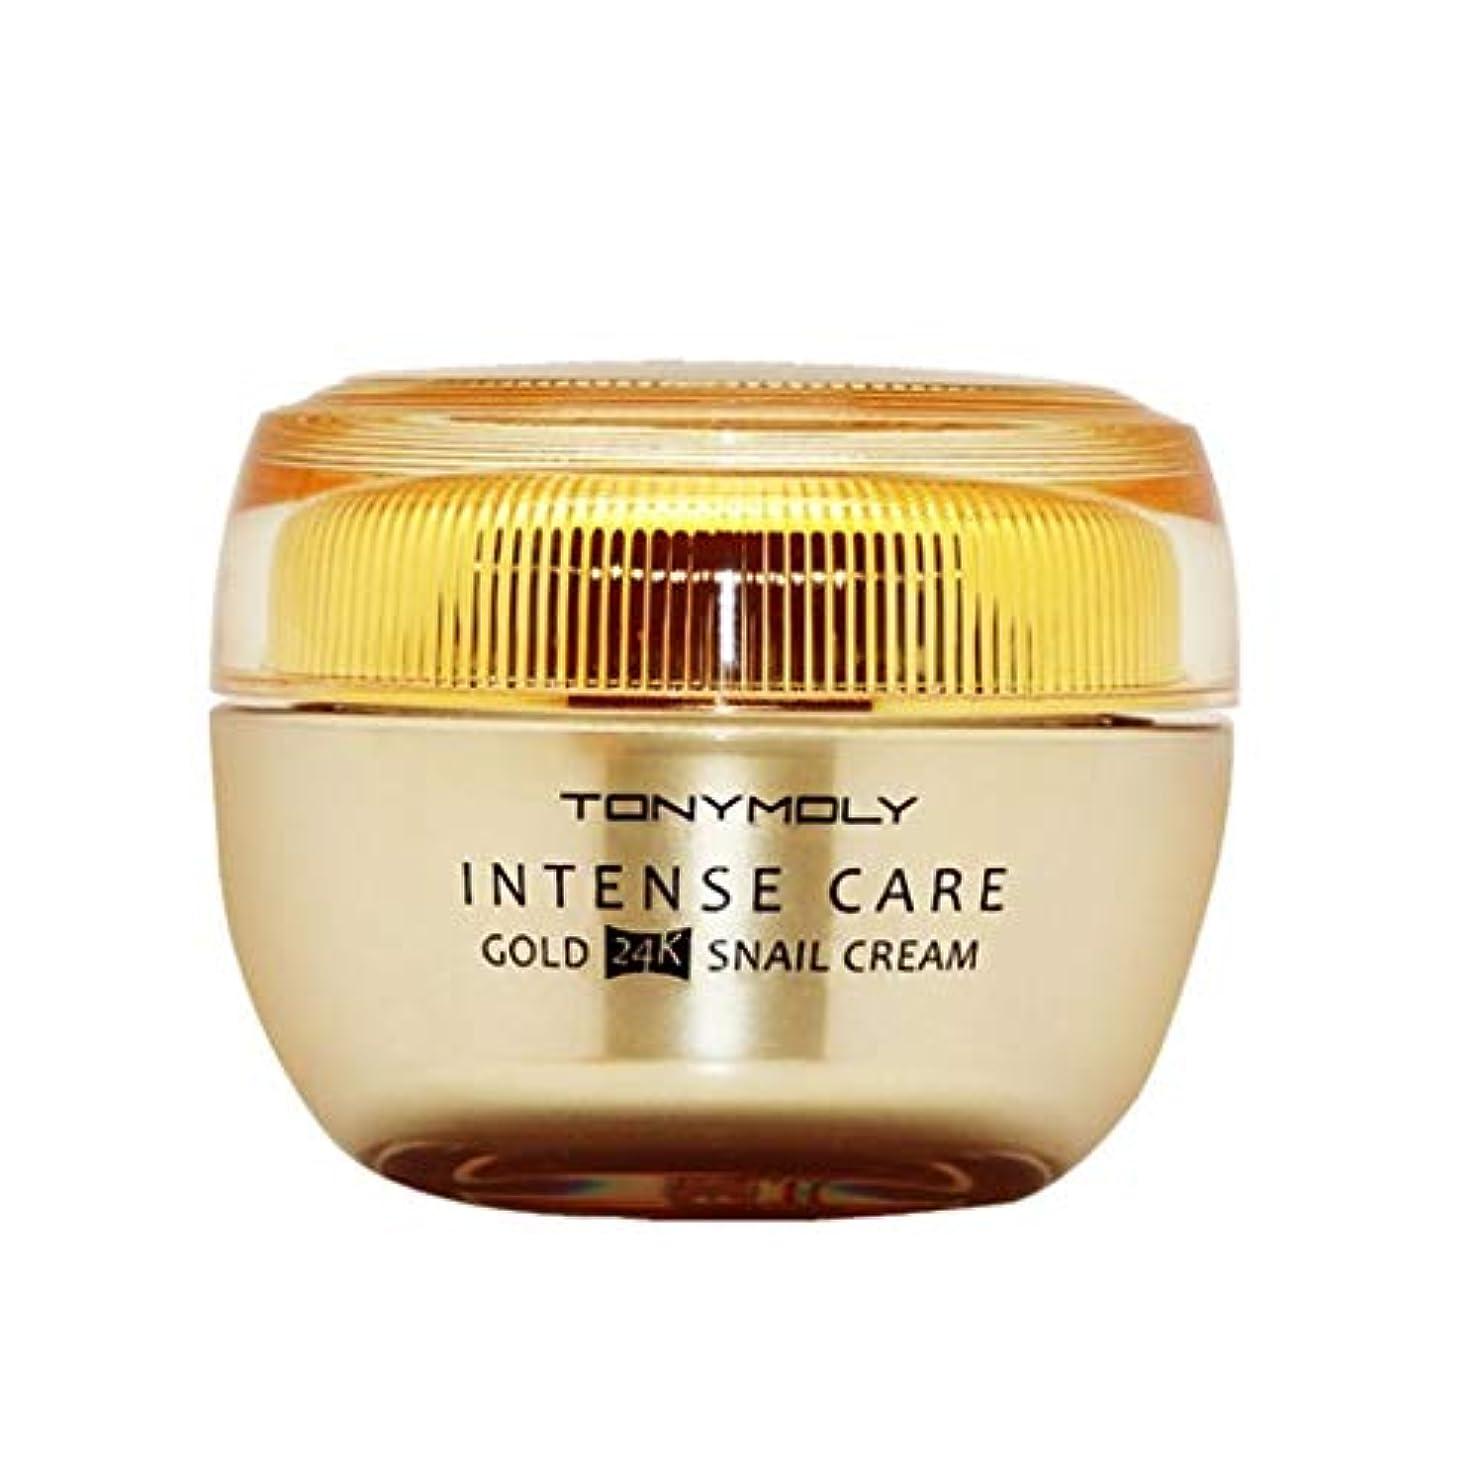 敬の念肺定数トニーモリーインテンスケアゴールド24Kスネールクリーム45ml x 2本セット美白、シワ改善クリーム、Tonymoly Intense Care Gold 24K Snail Cream 45ml x 2ea Set...